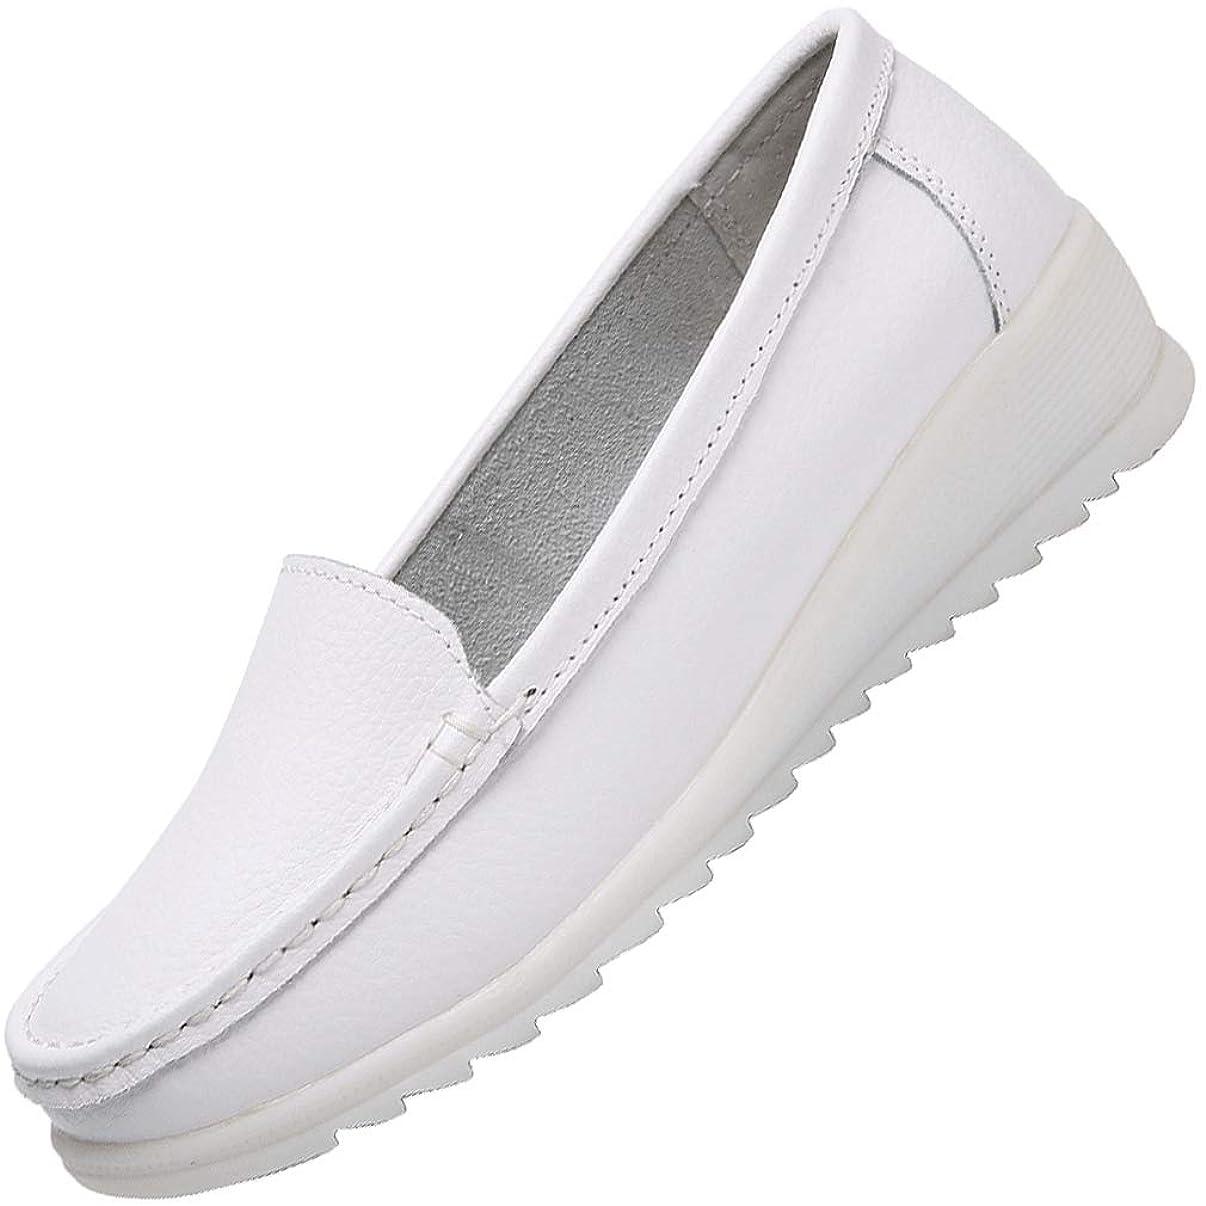 旋律的どうやってカタログ[ANDITTRO] ナースシューズ ウォーキングシューズ 作業靴 革 スニーカー 軽量 通気性 メッシュ ホワイト22.5CM-26.0CM